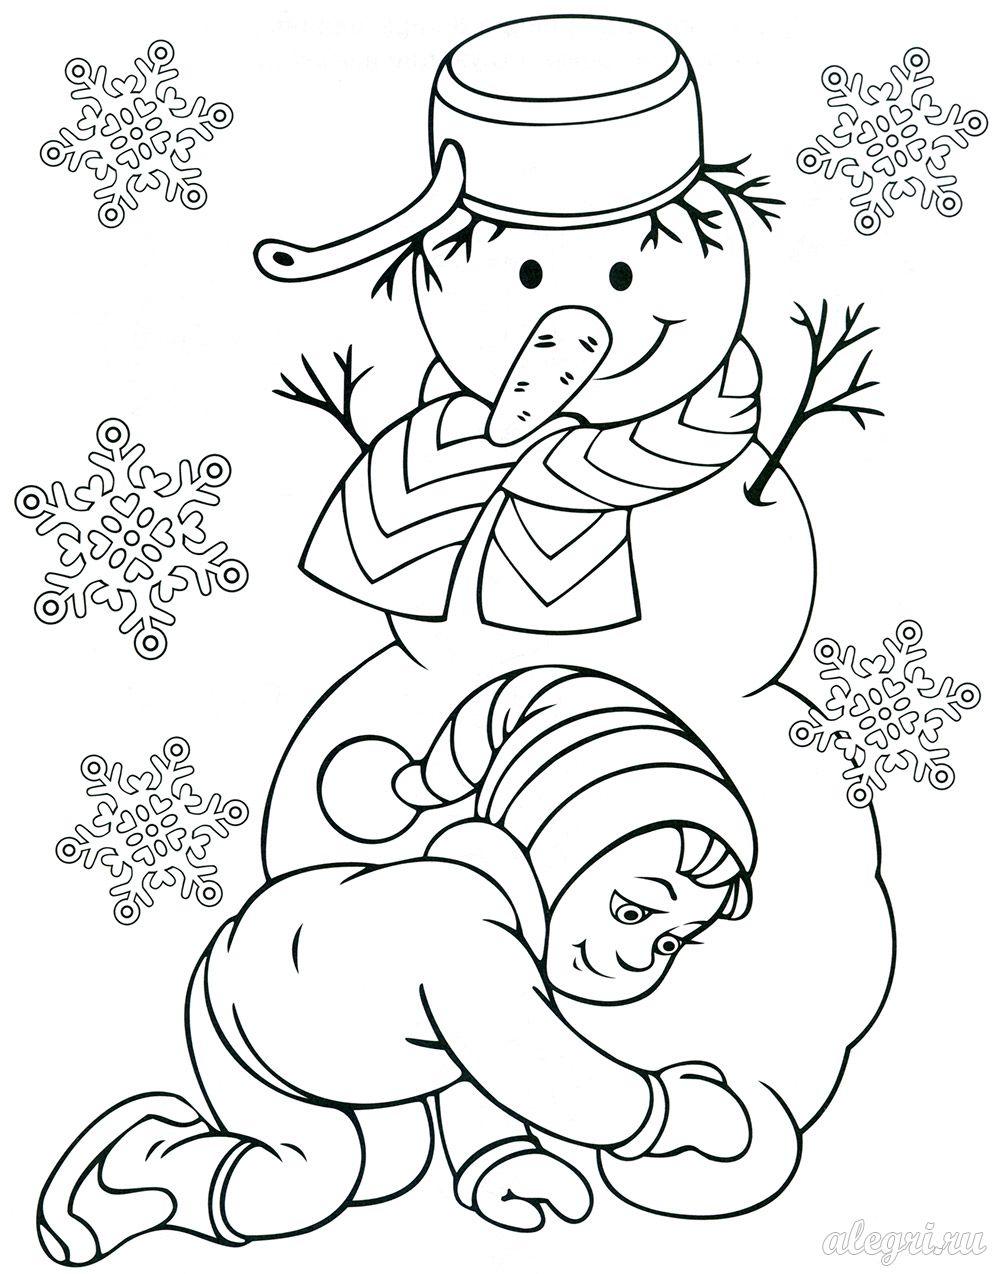 Рисунки для раскраски для детей от 3